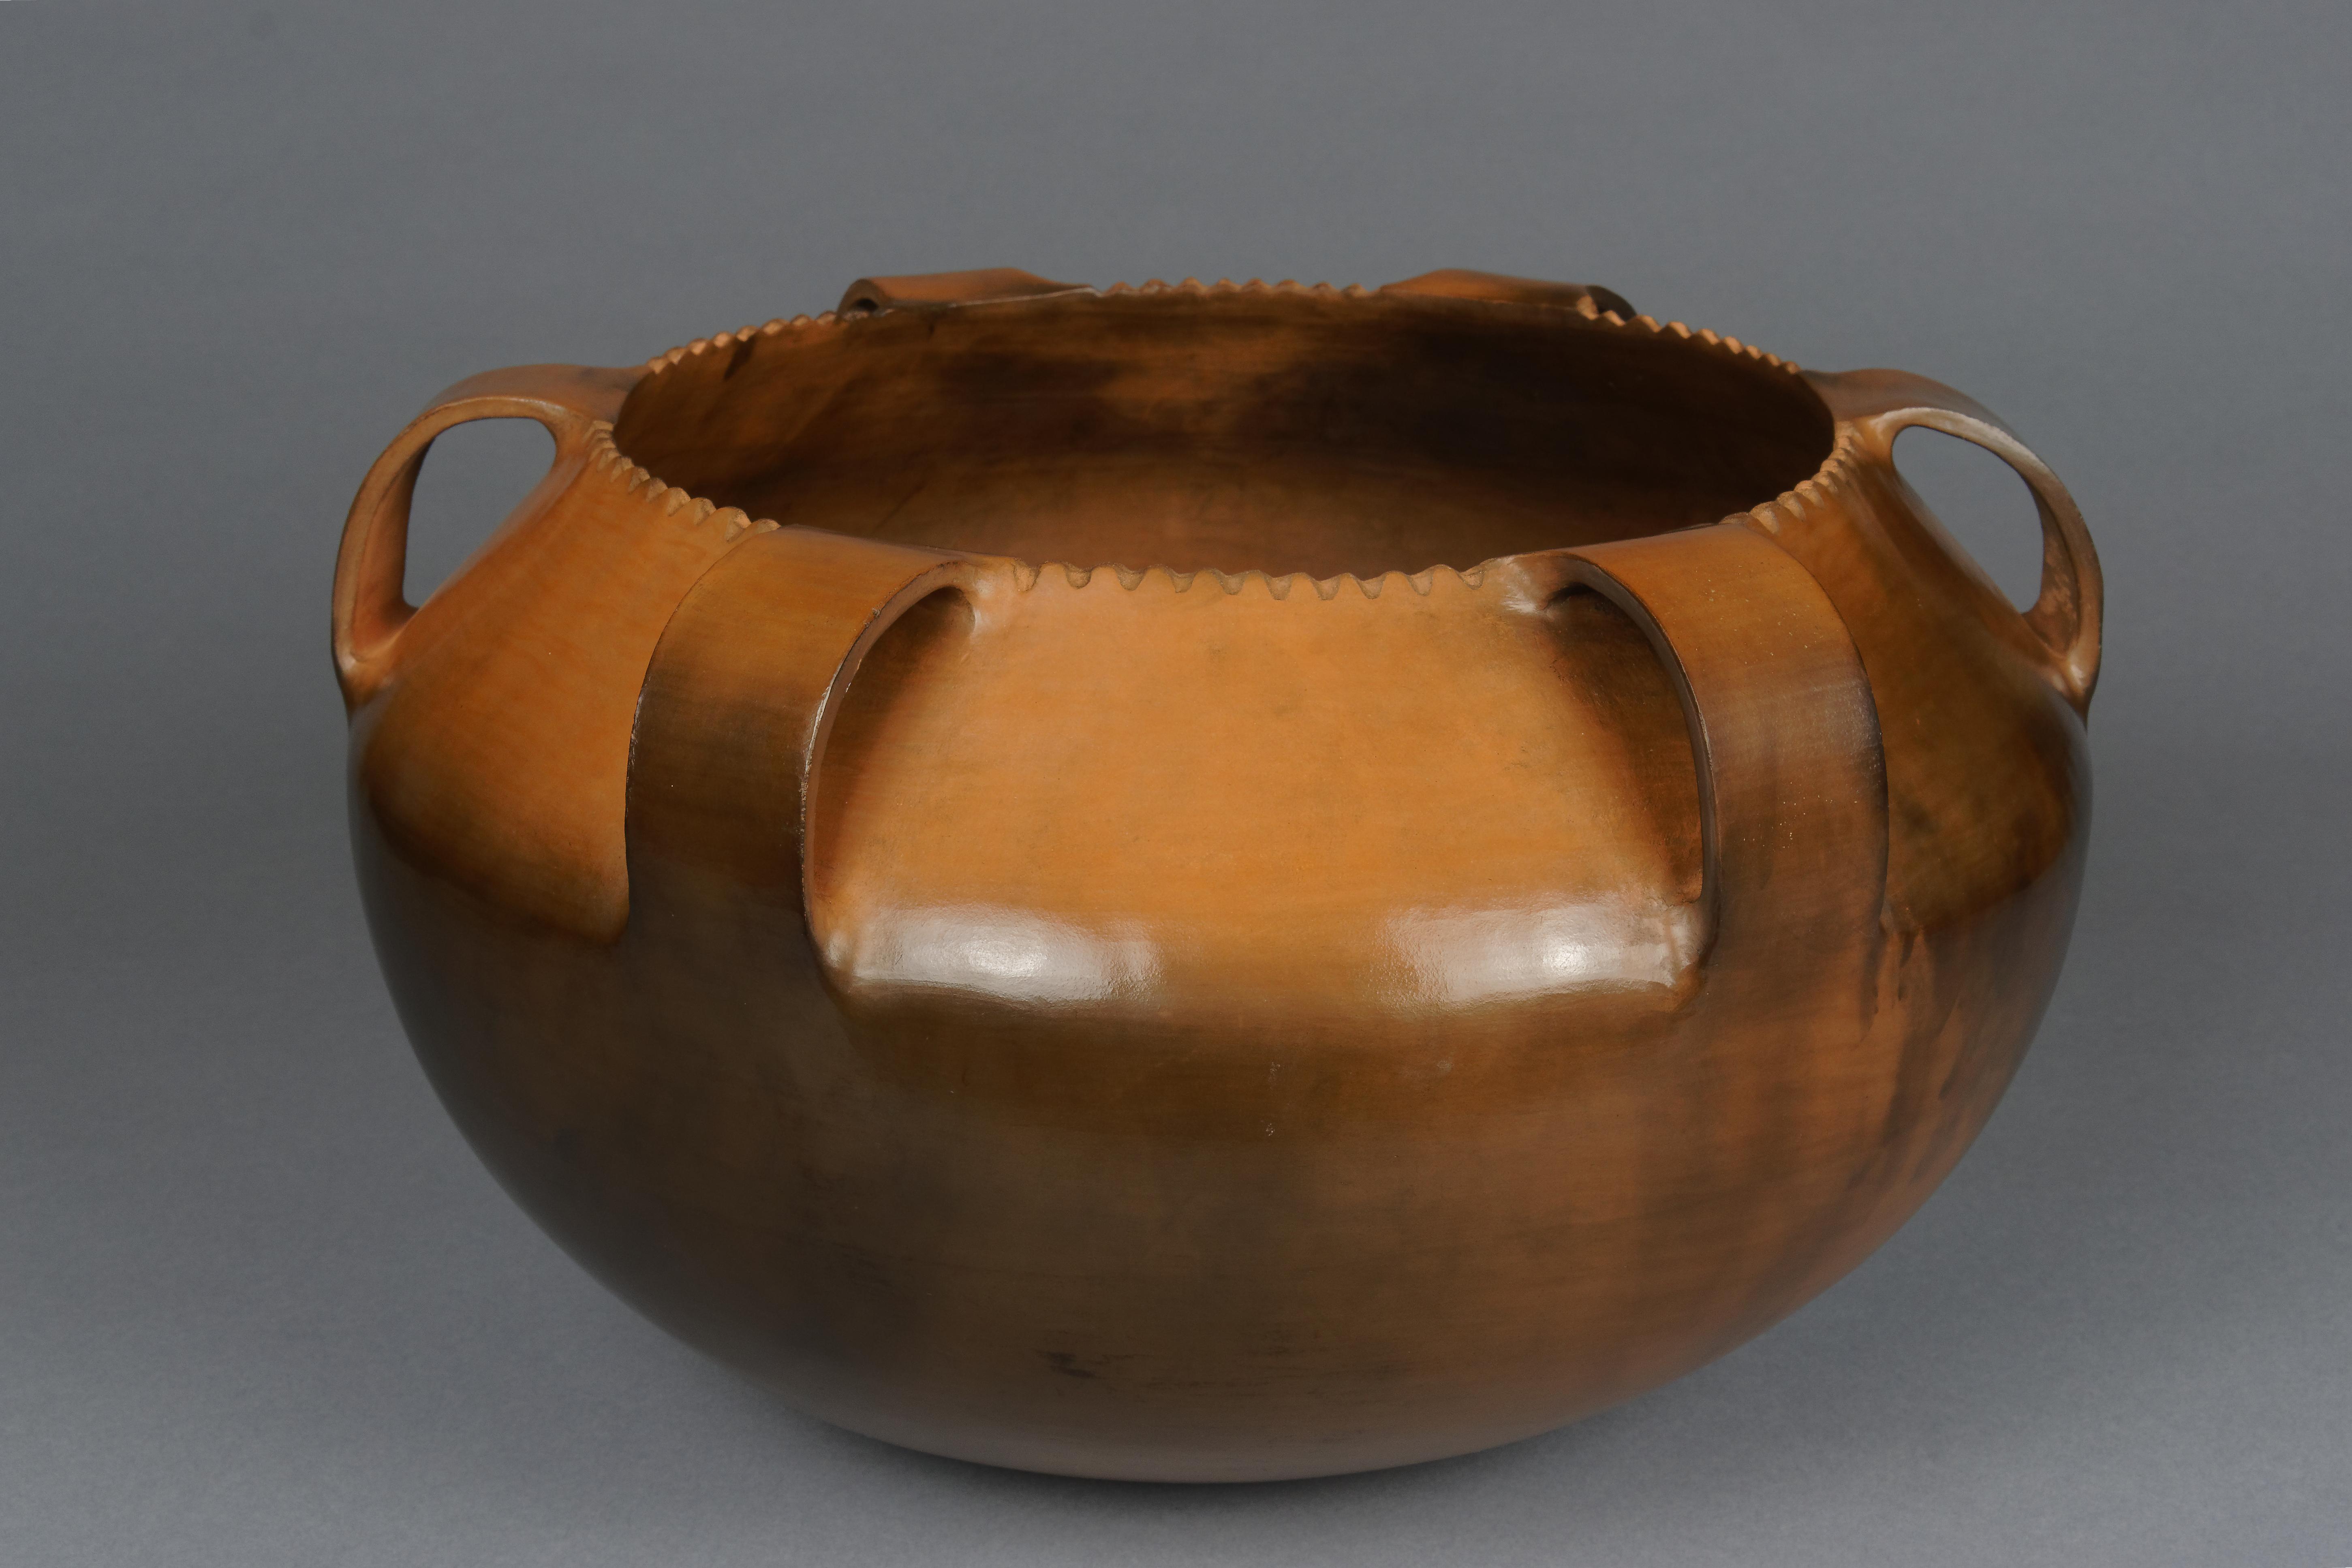 184 - Six handle cook pot